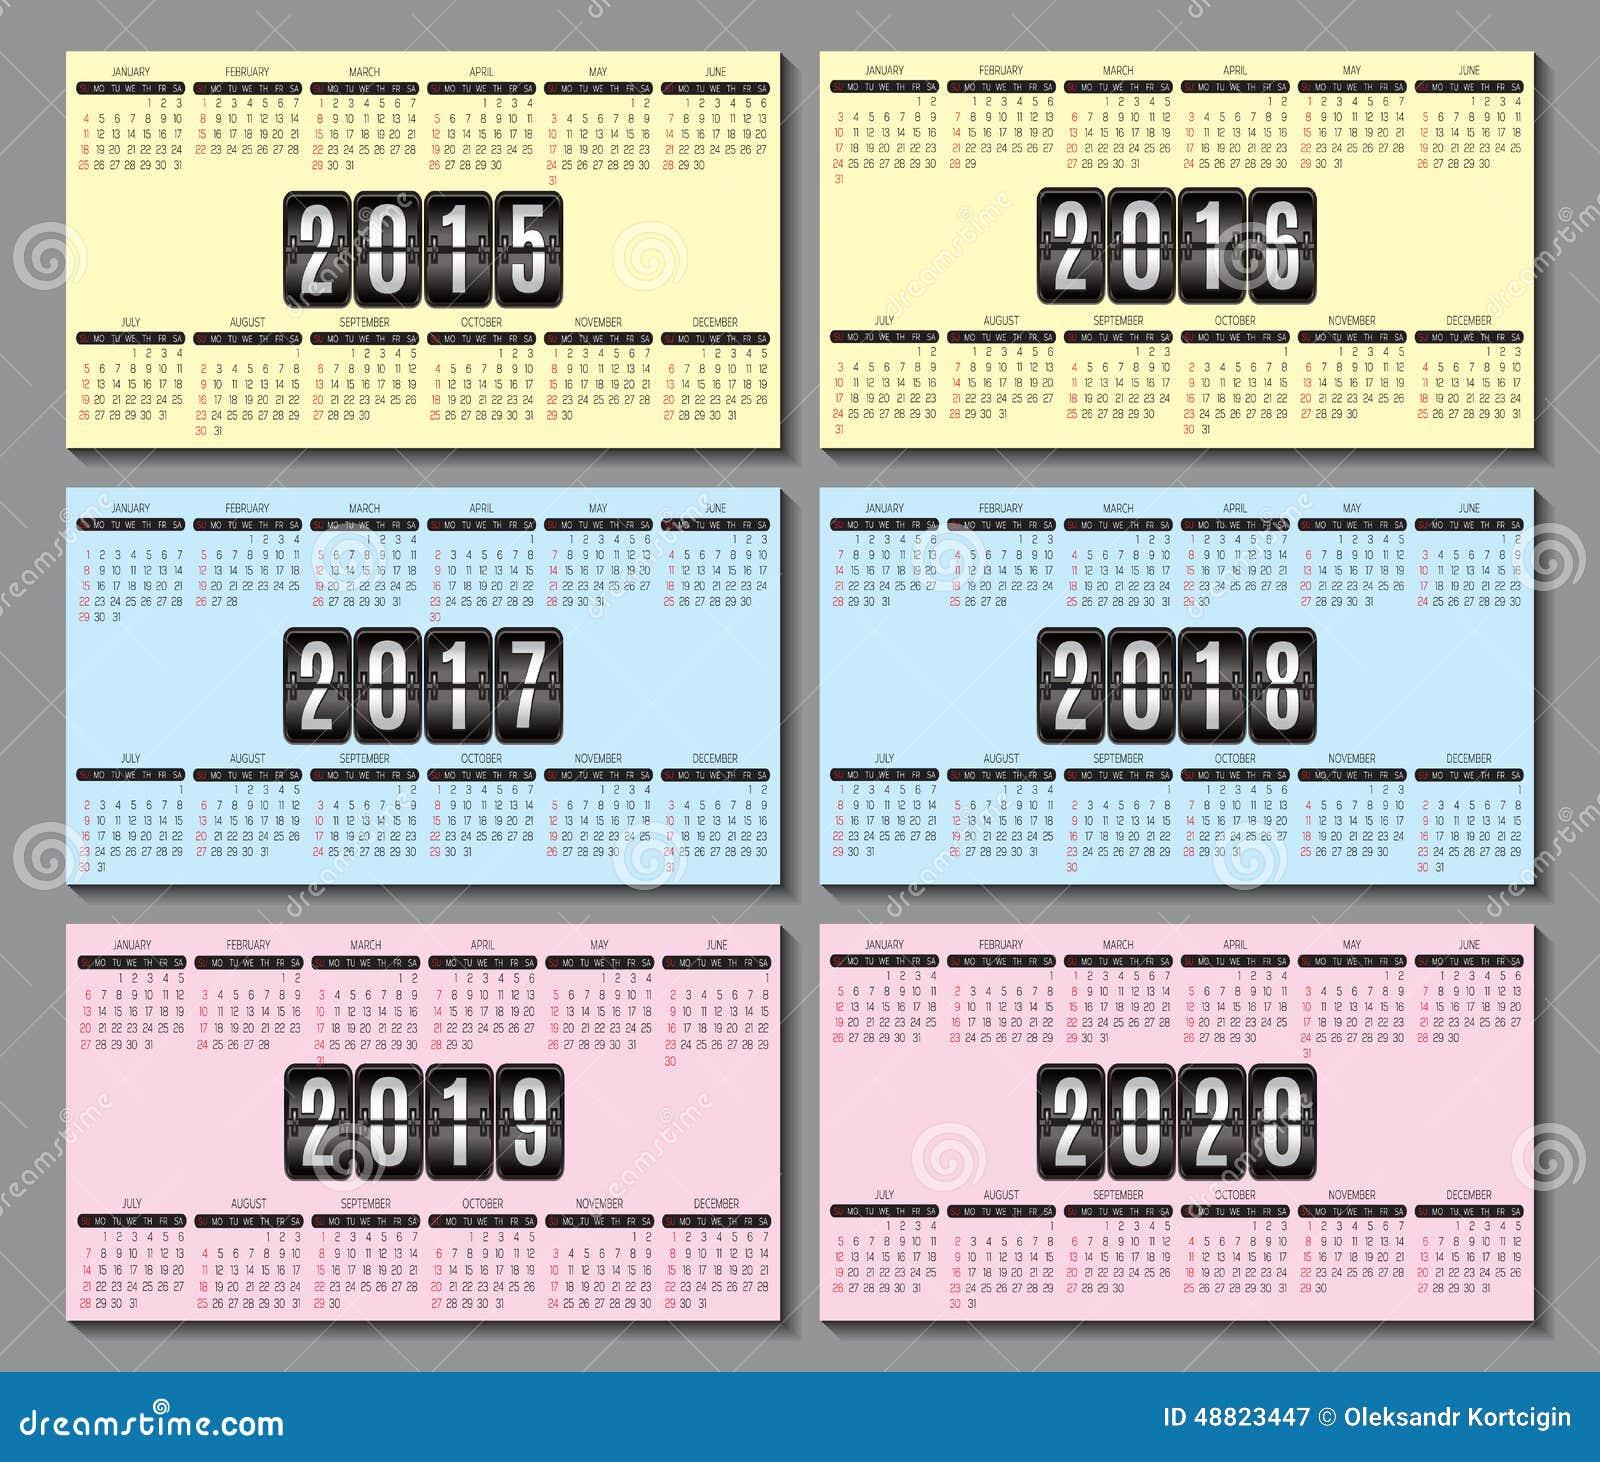 Grille 2015 2016 De Calendrier 2020 Pour La Carte Visite Professionnelle